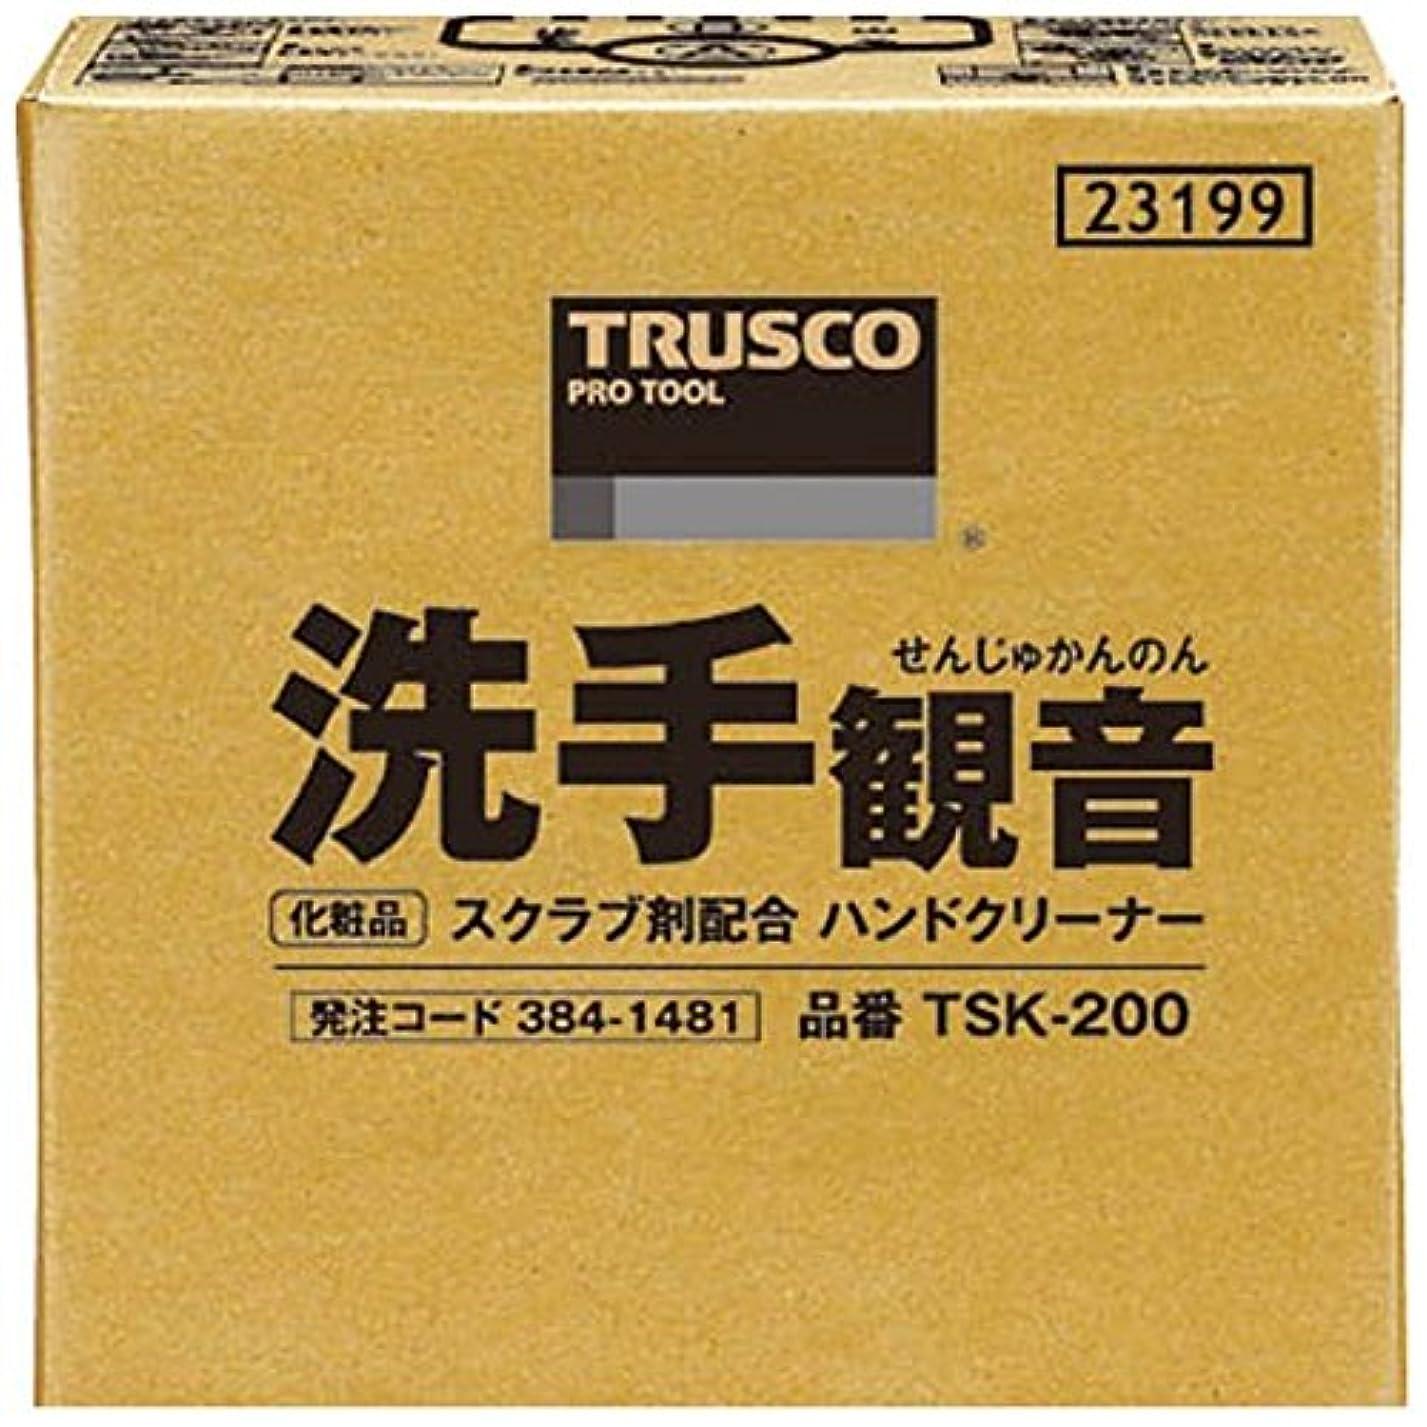 ドローティッシュ衣類TRUSCO 洗手観音 20kg バックインボックス TSK-200